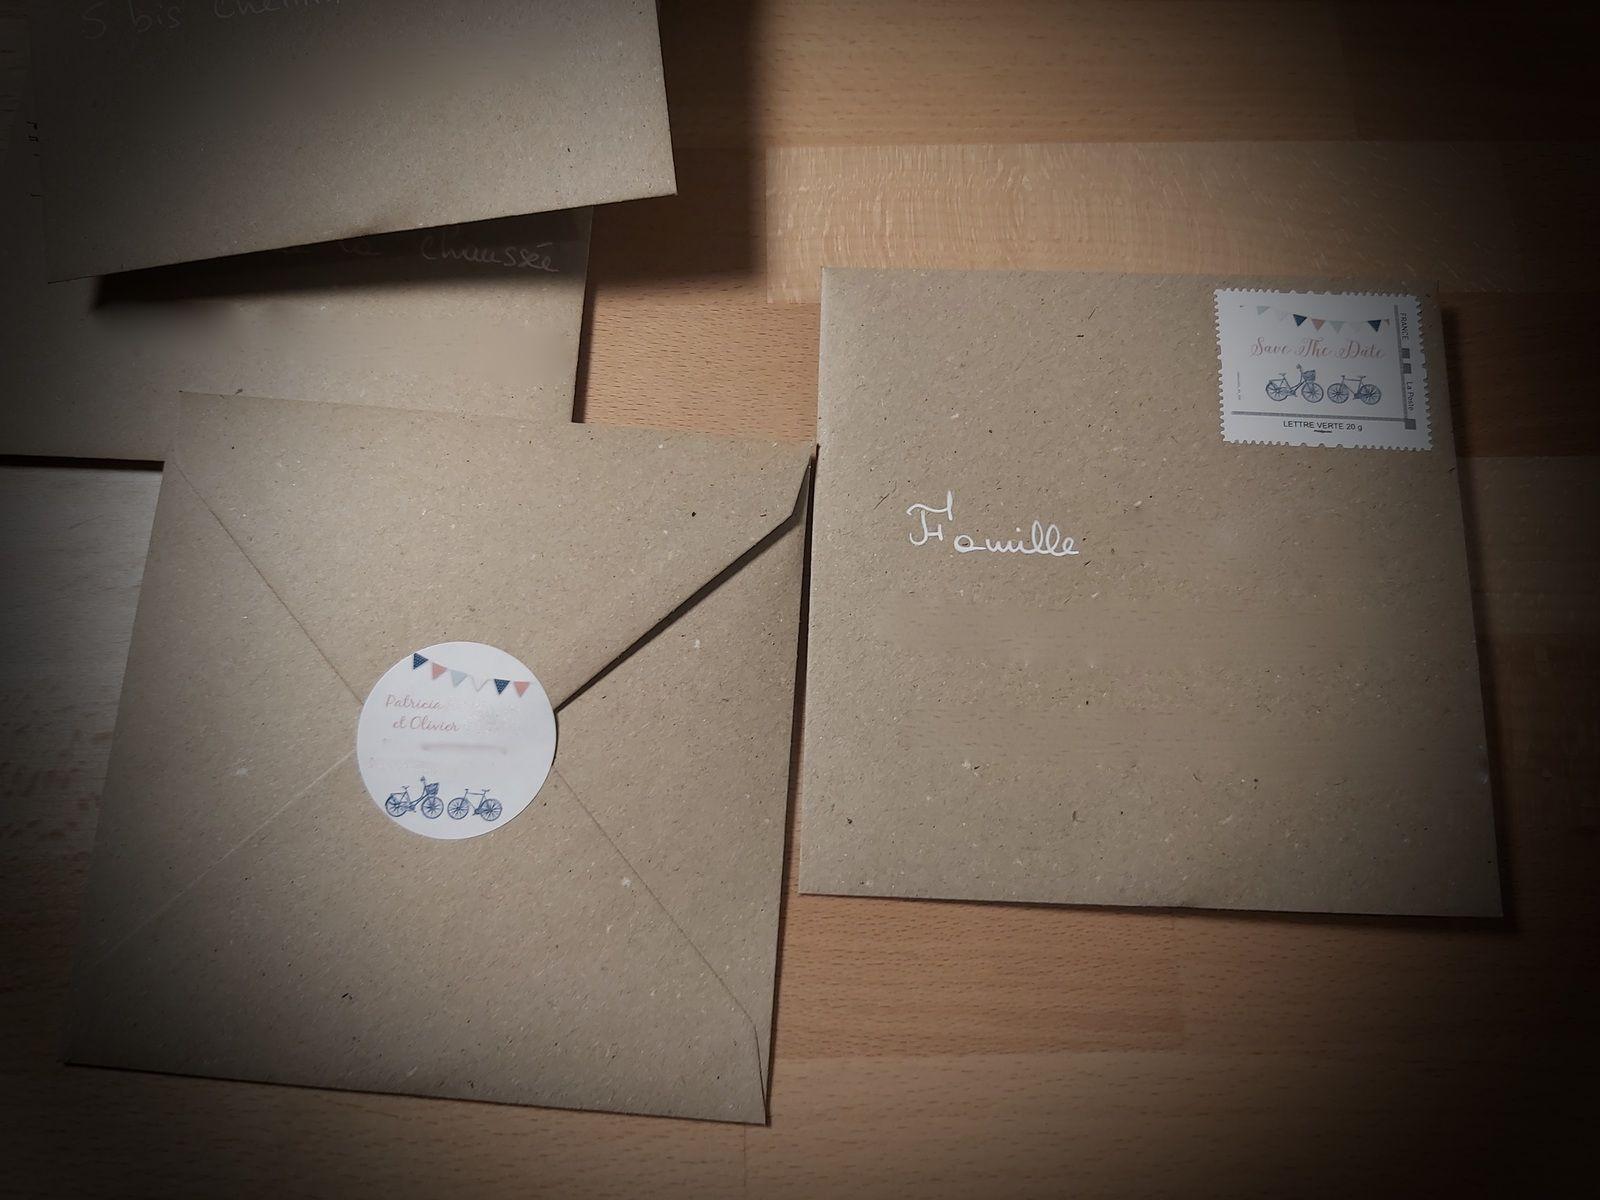 options rsvp (coupon réponse) visuel timbre et étiquette adhésive pour les enveloppes assorties au faire part de mariage #efdcbysoscrap